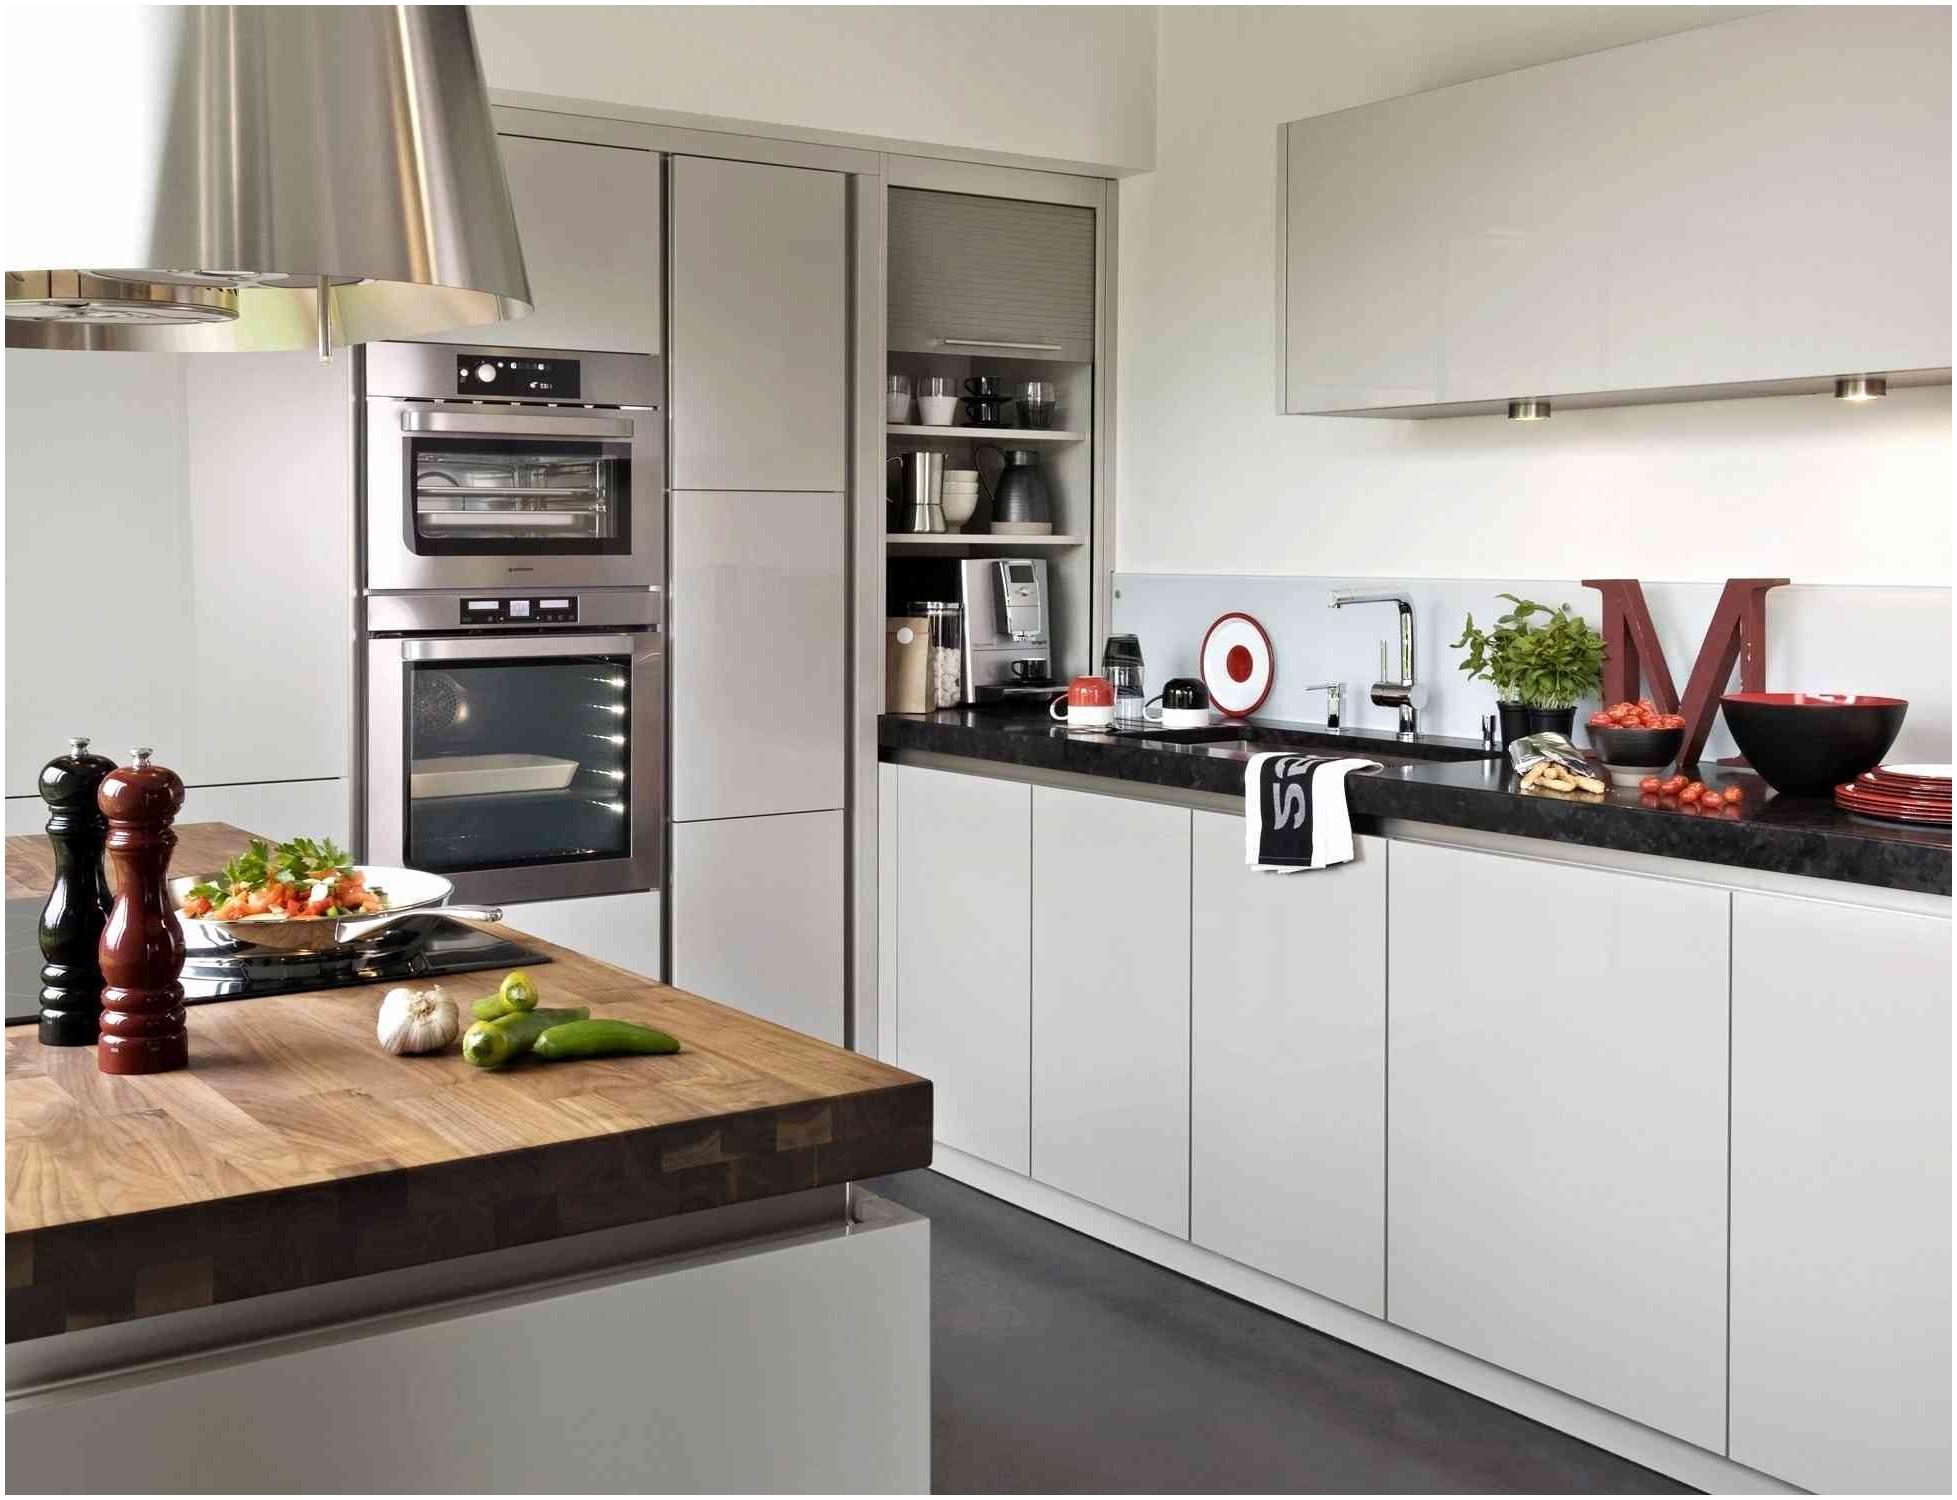 Meuble haut cuisine premier prix - veranda-styledevie.fr